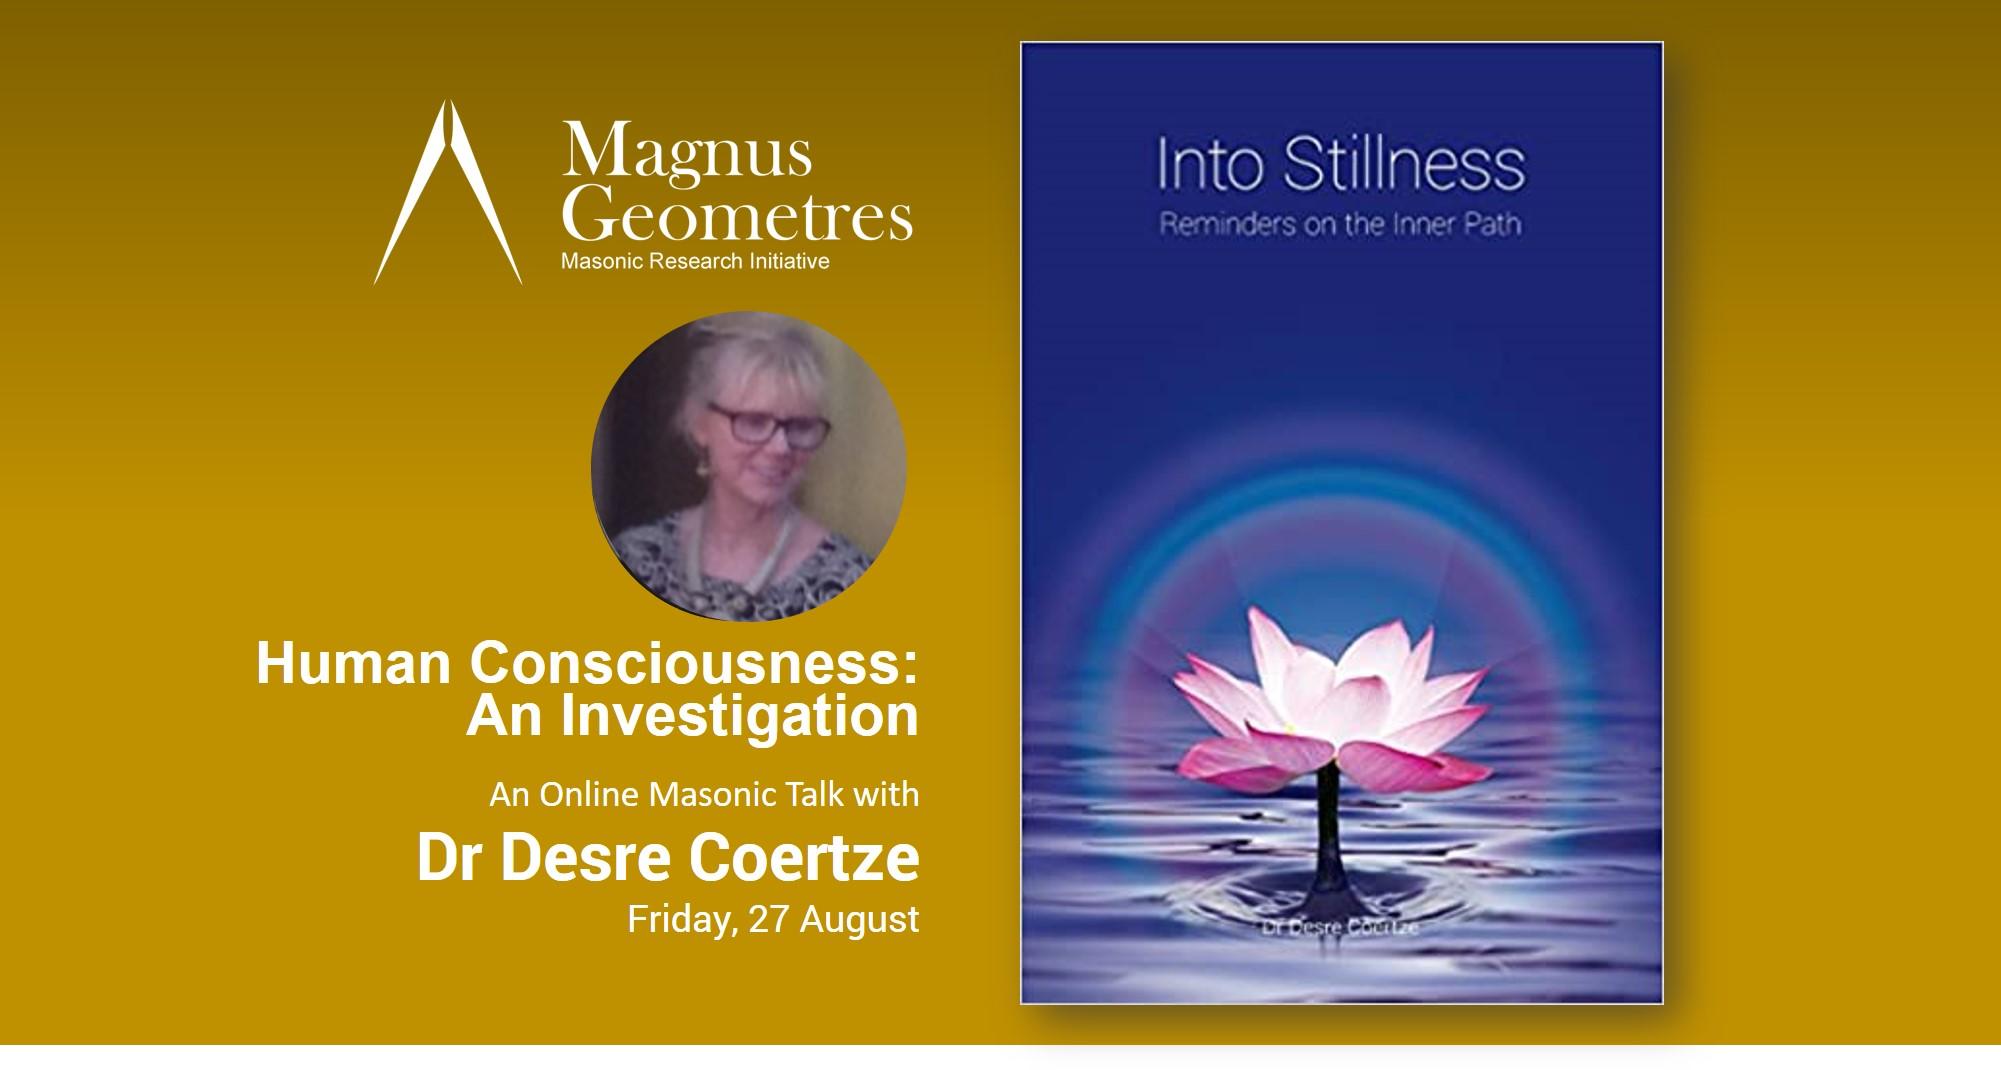 Desre Coertze Human Consciousness: An Investigation - Dr Desre Coertze